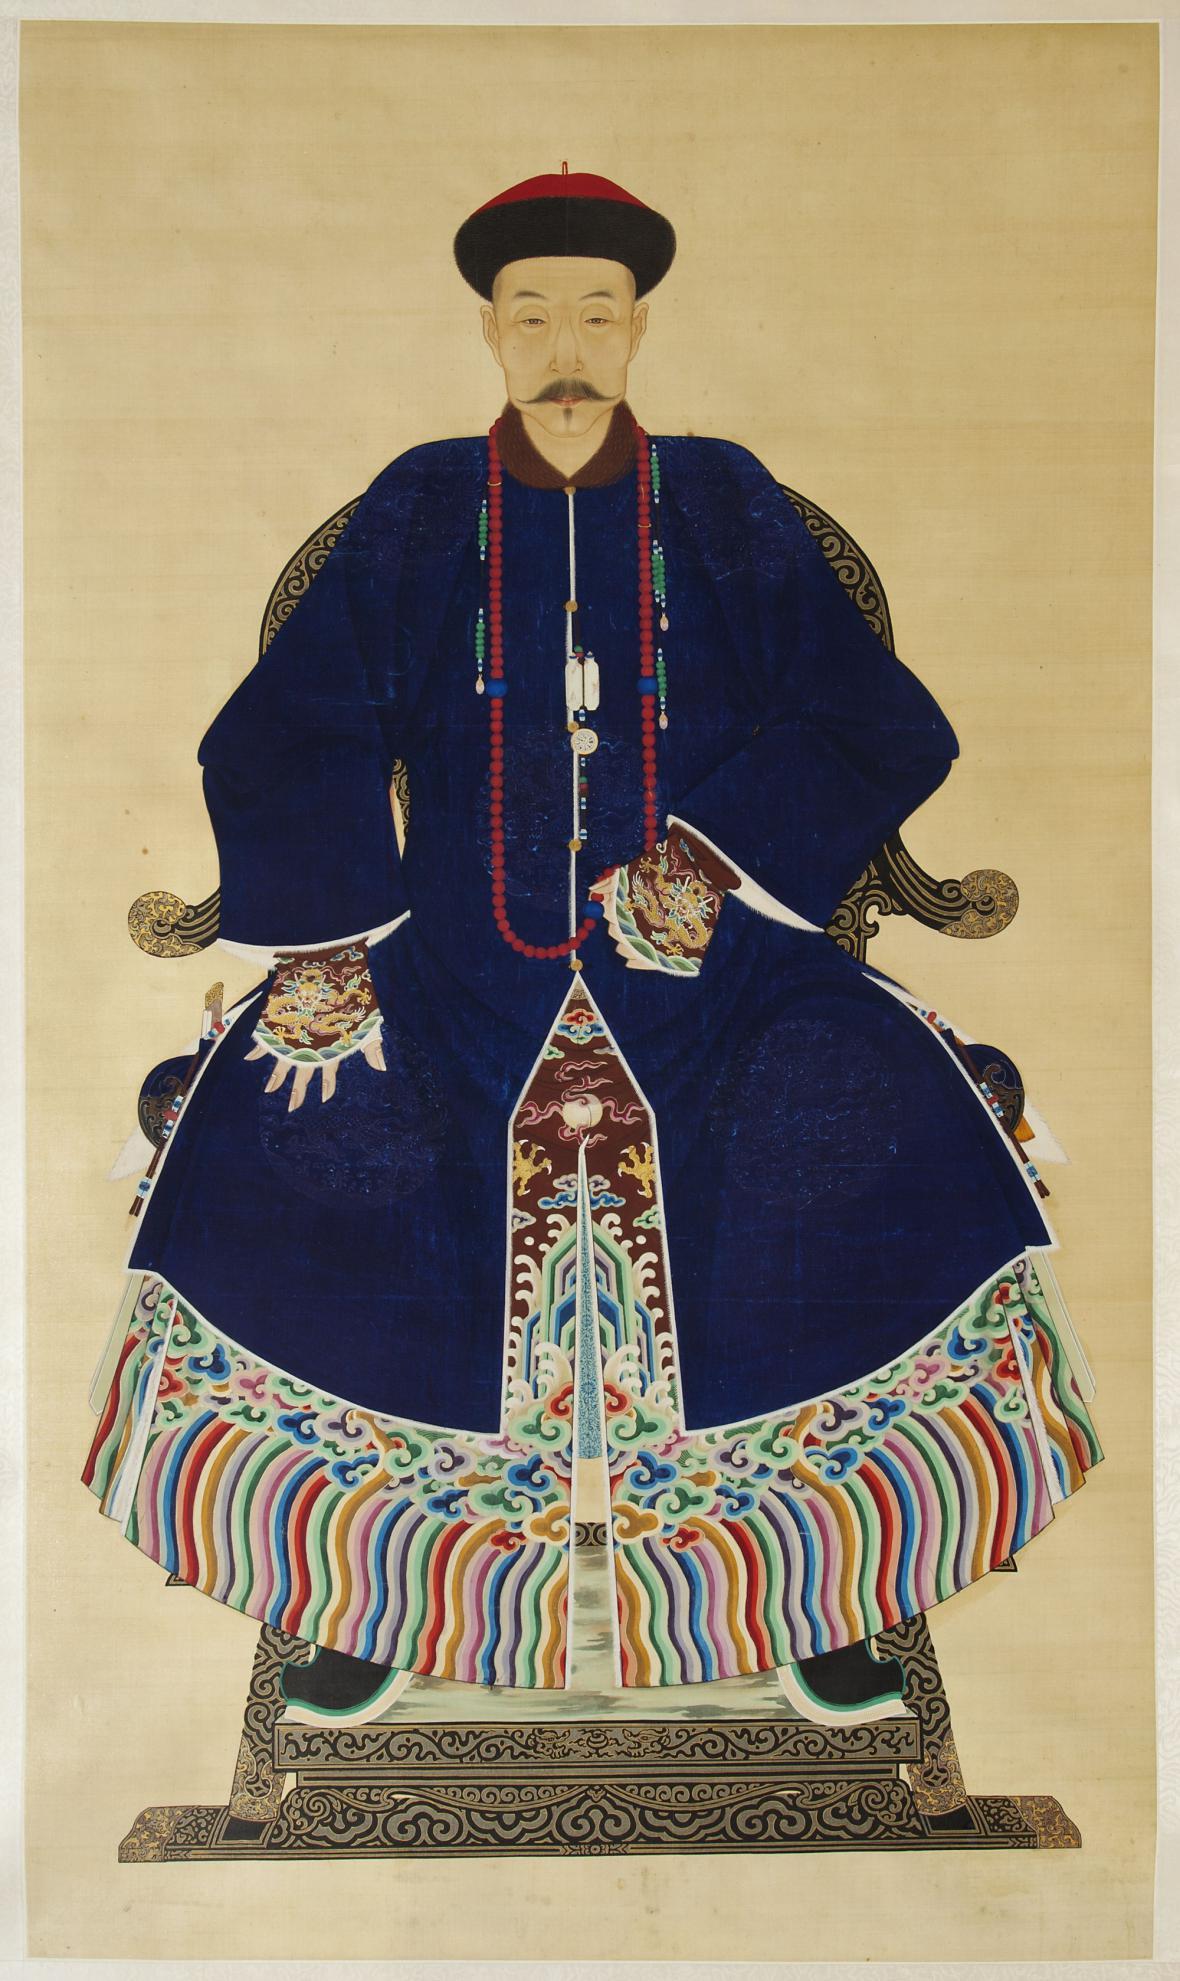 Posmrtný portrét muže v dračím rouchu